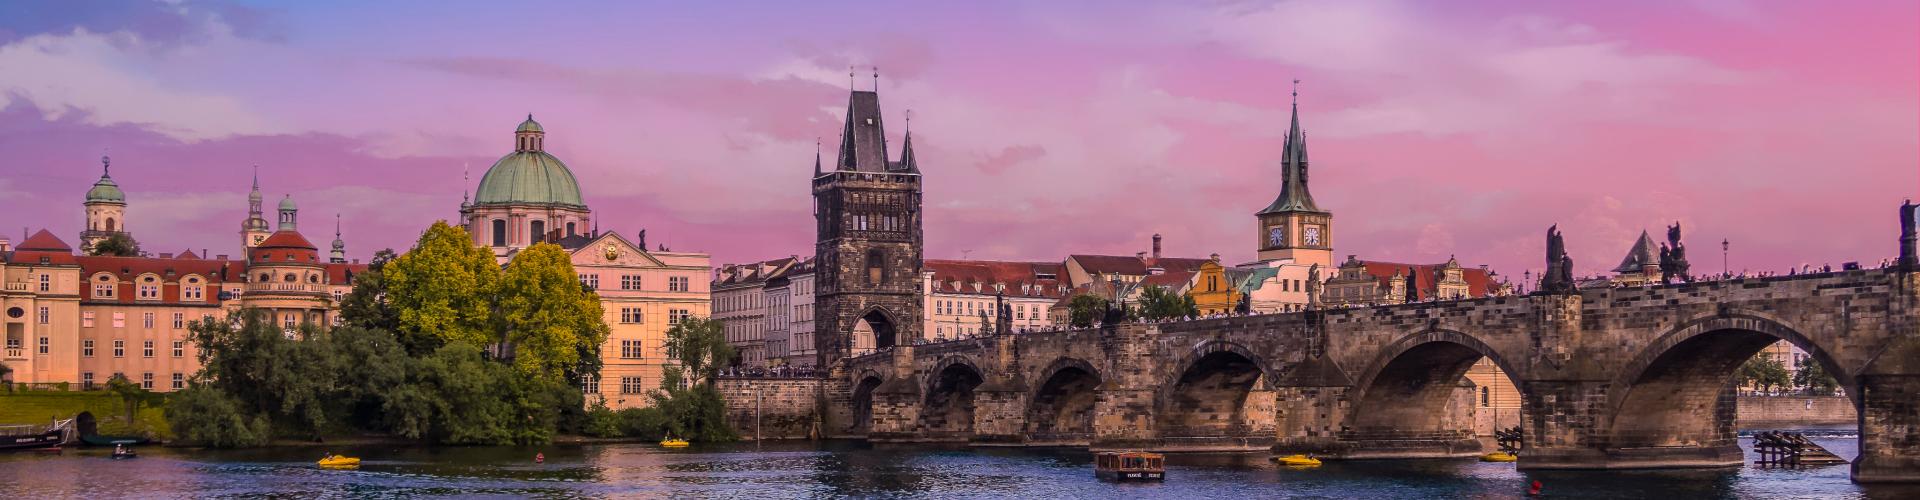 Прага весной eurostudy